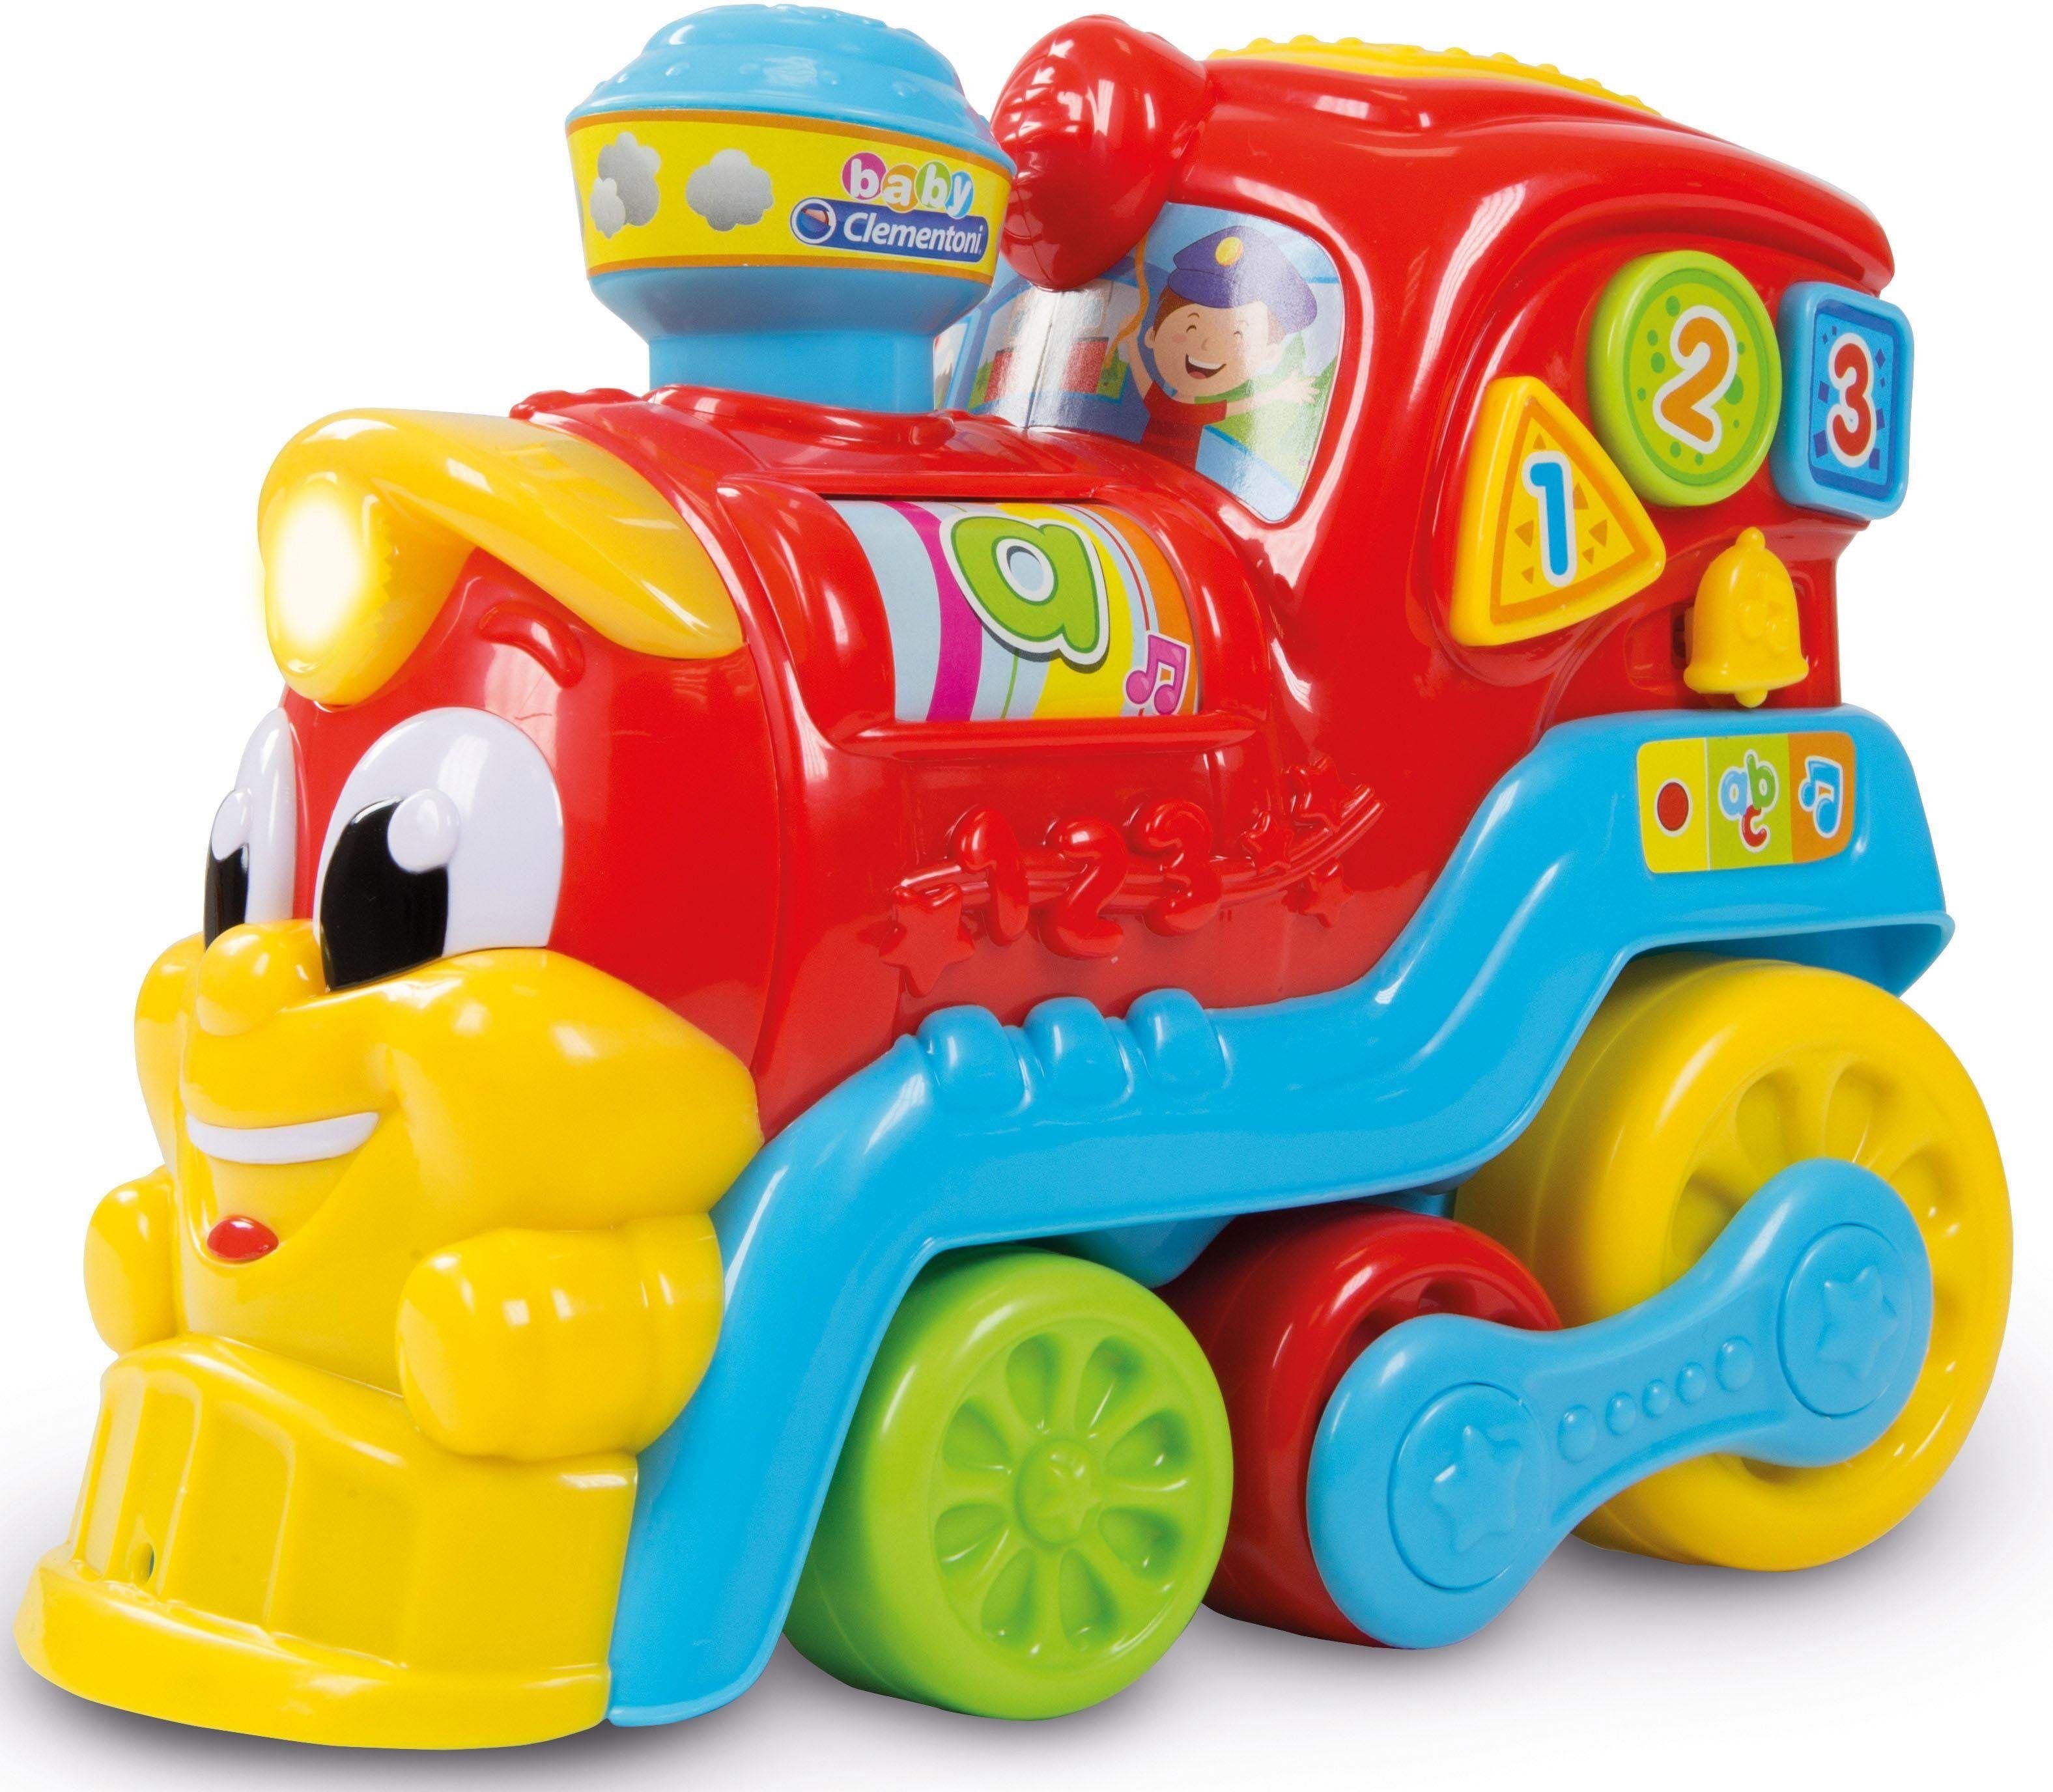 Clementoni® Spielzeug-Eisenbahn »Baby Nino, die kleine Eisenbahn«, mit Licht und Sound, bunt